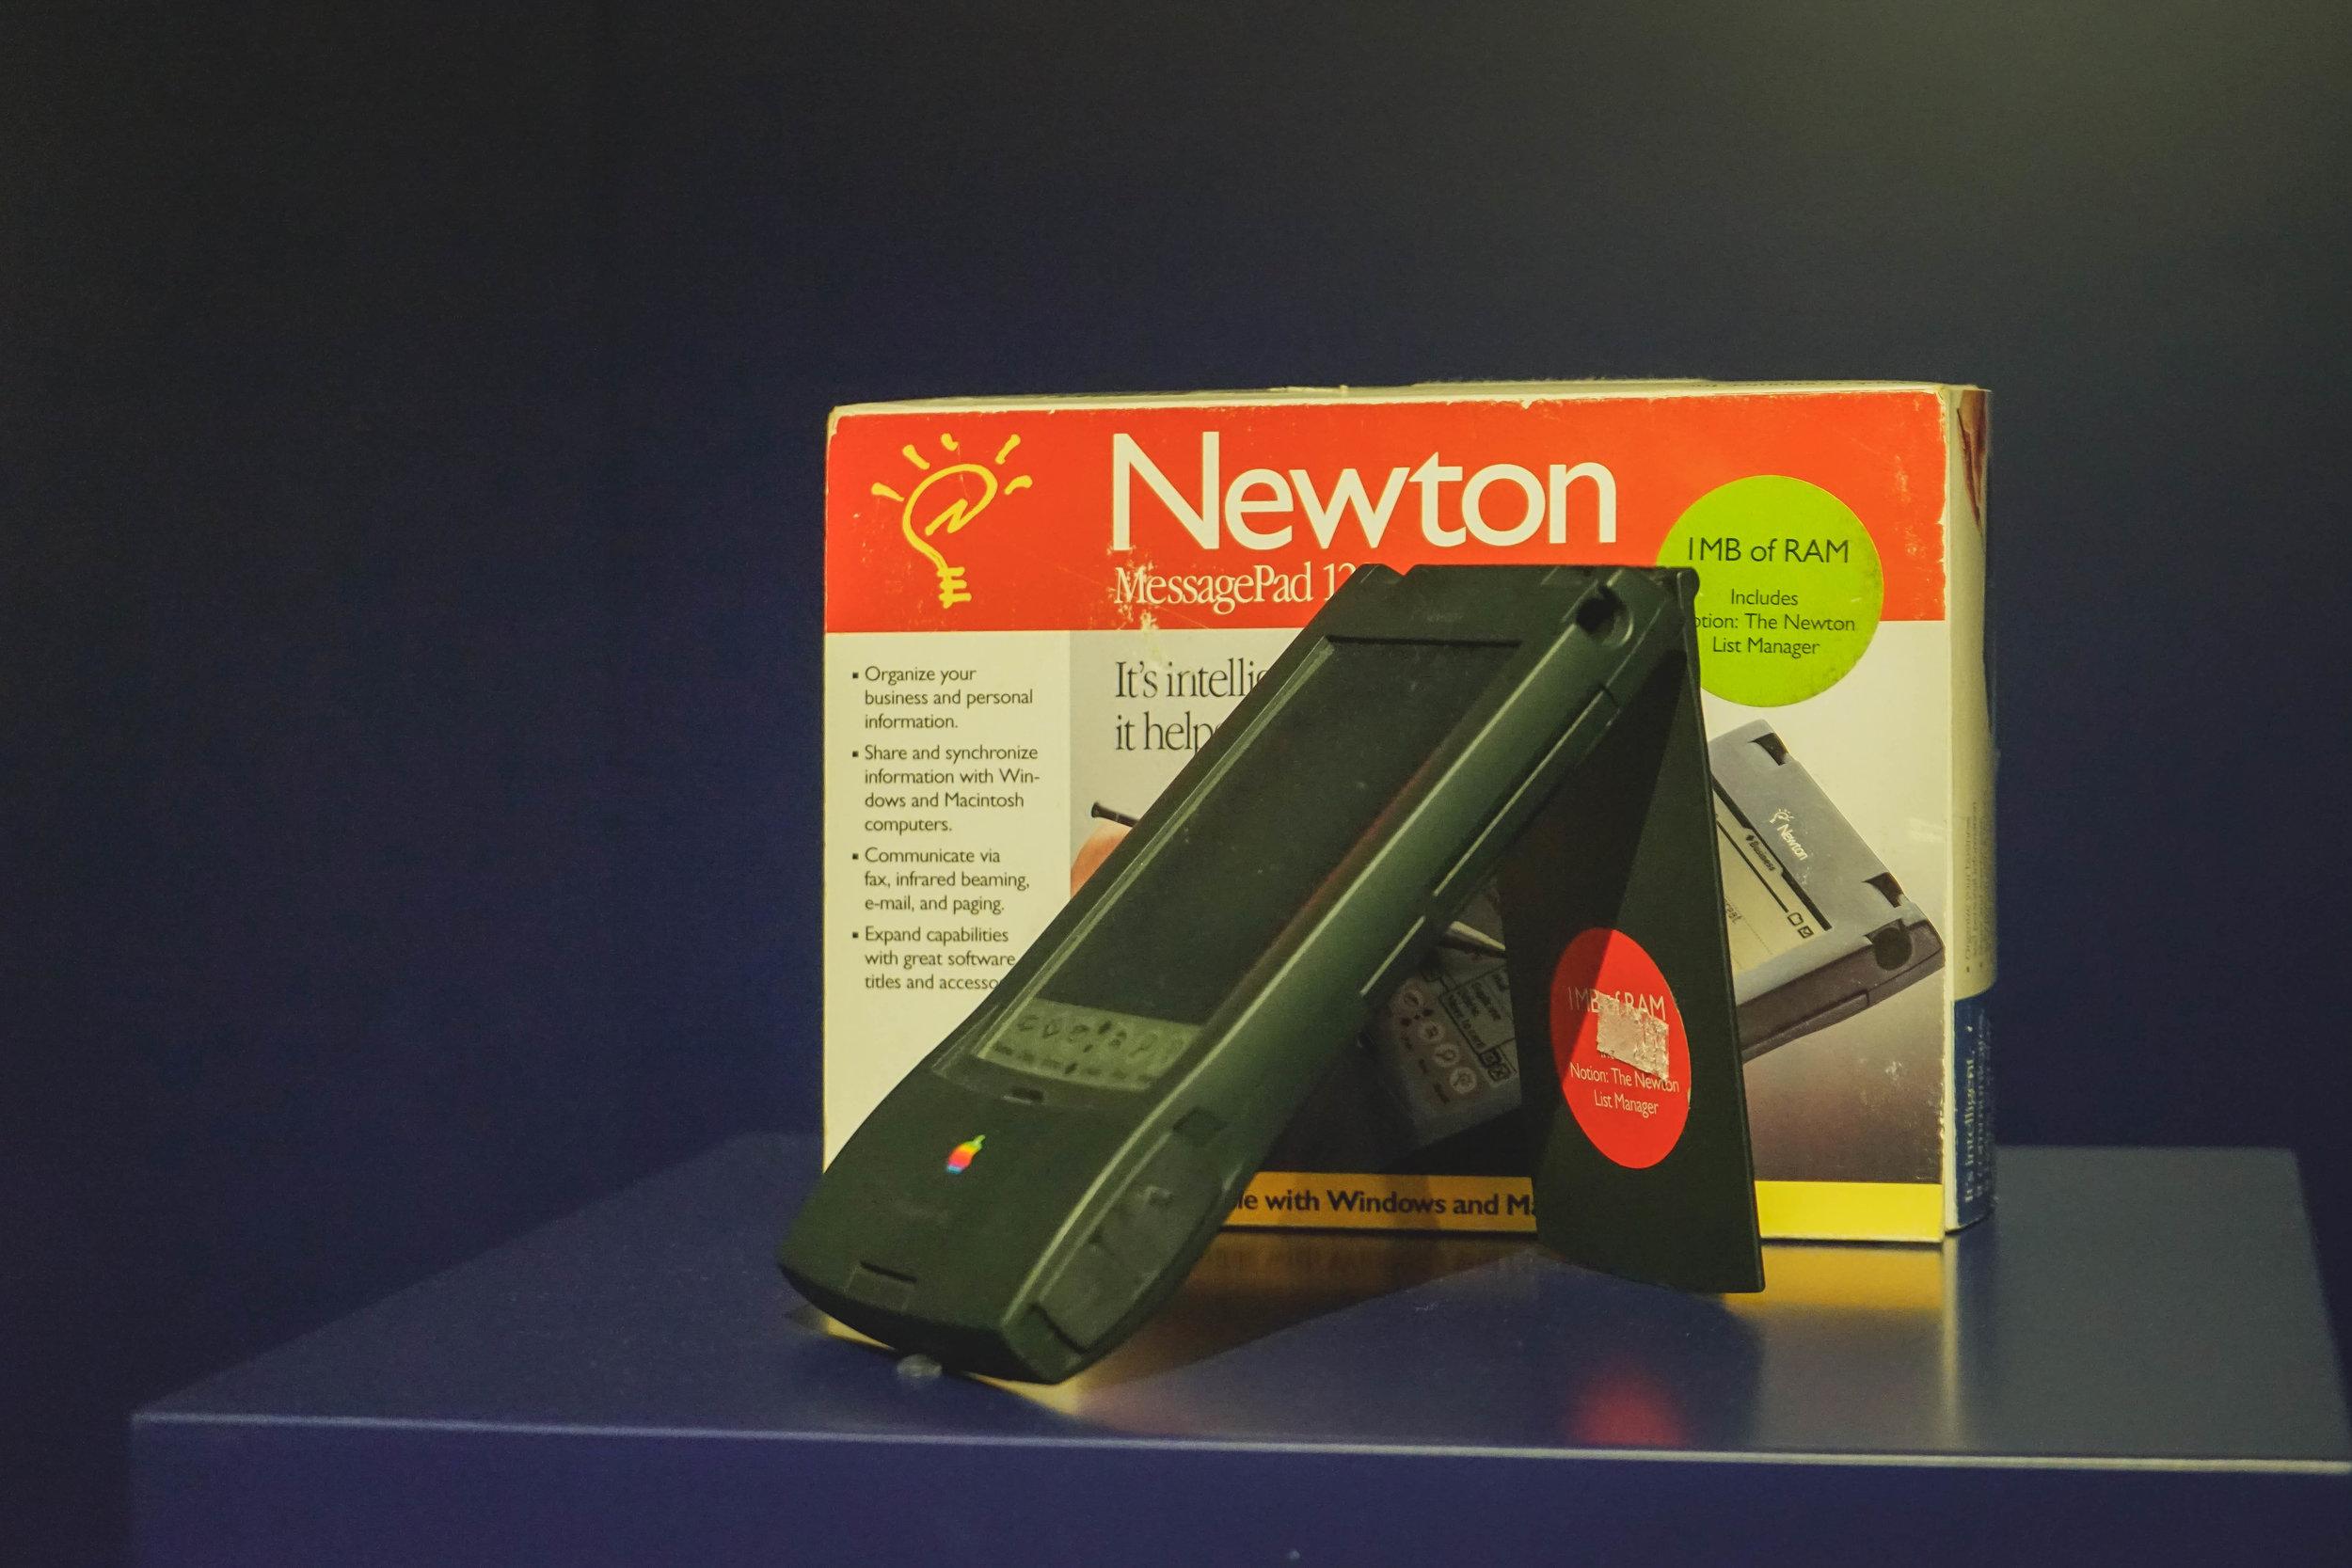 想不到,連科技巨擘蘋果也有失敗的一天。在1995年推出的掌上電腦Newton,是當時首部有手寫功能的掌上電腦,由於售價高昂而不能普及。很快便被教主Steve Jobs叫停生產。不過現在看來,只是Newton走在潮流尖端,世界跟不上吧。現在每個人手中,不都是有部「Newton」嗎?